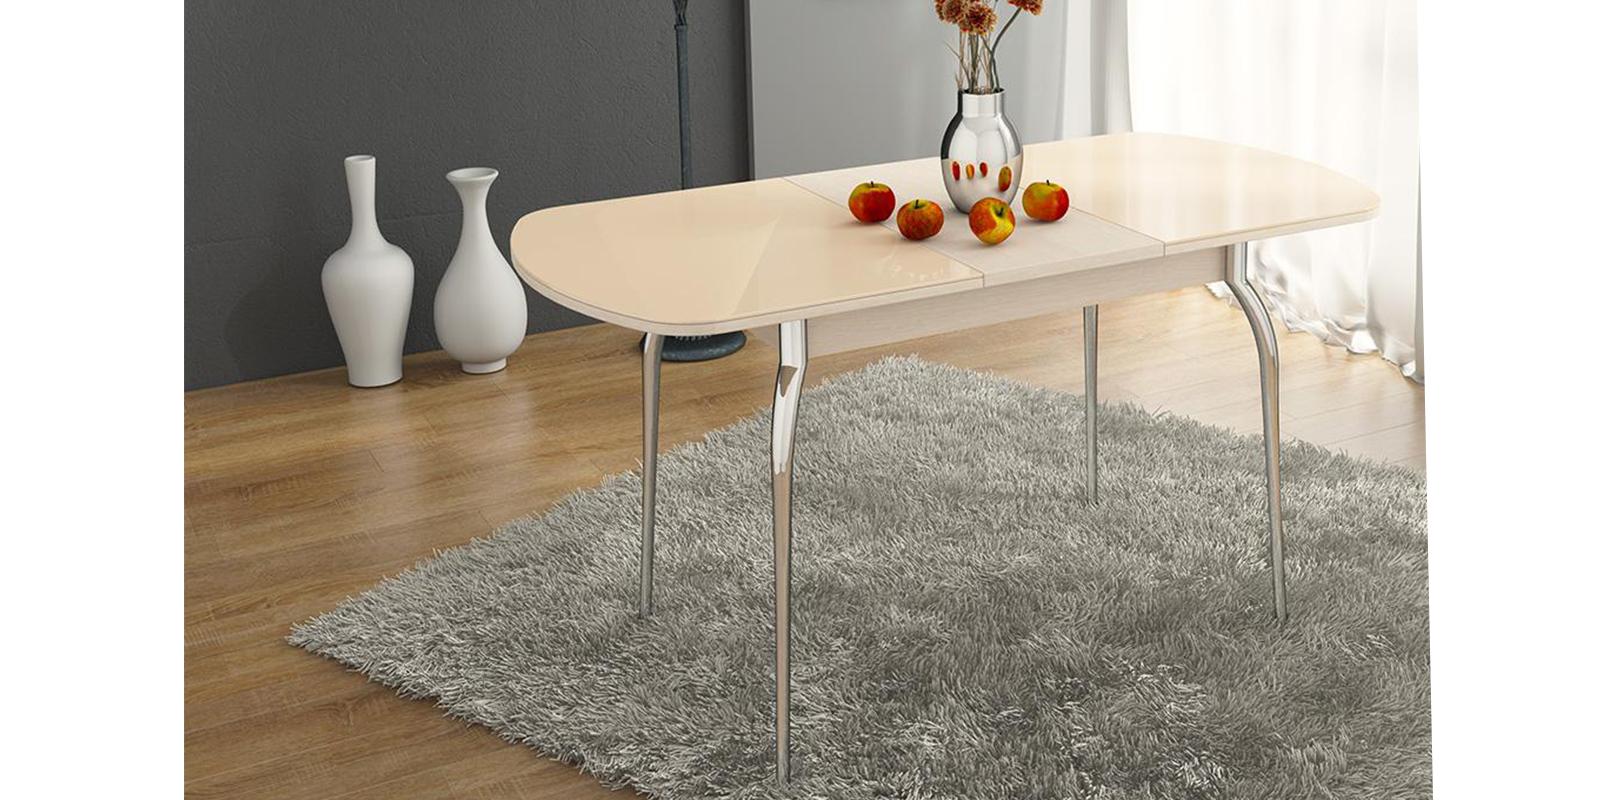 Стол обеденный Квартет (дуб белфорт/стекло бежевое)